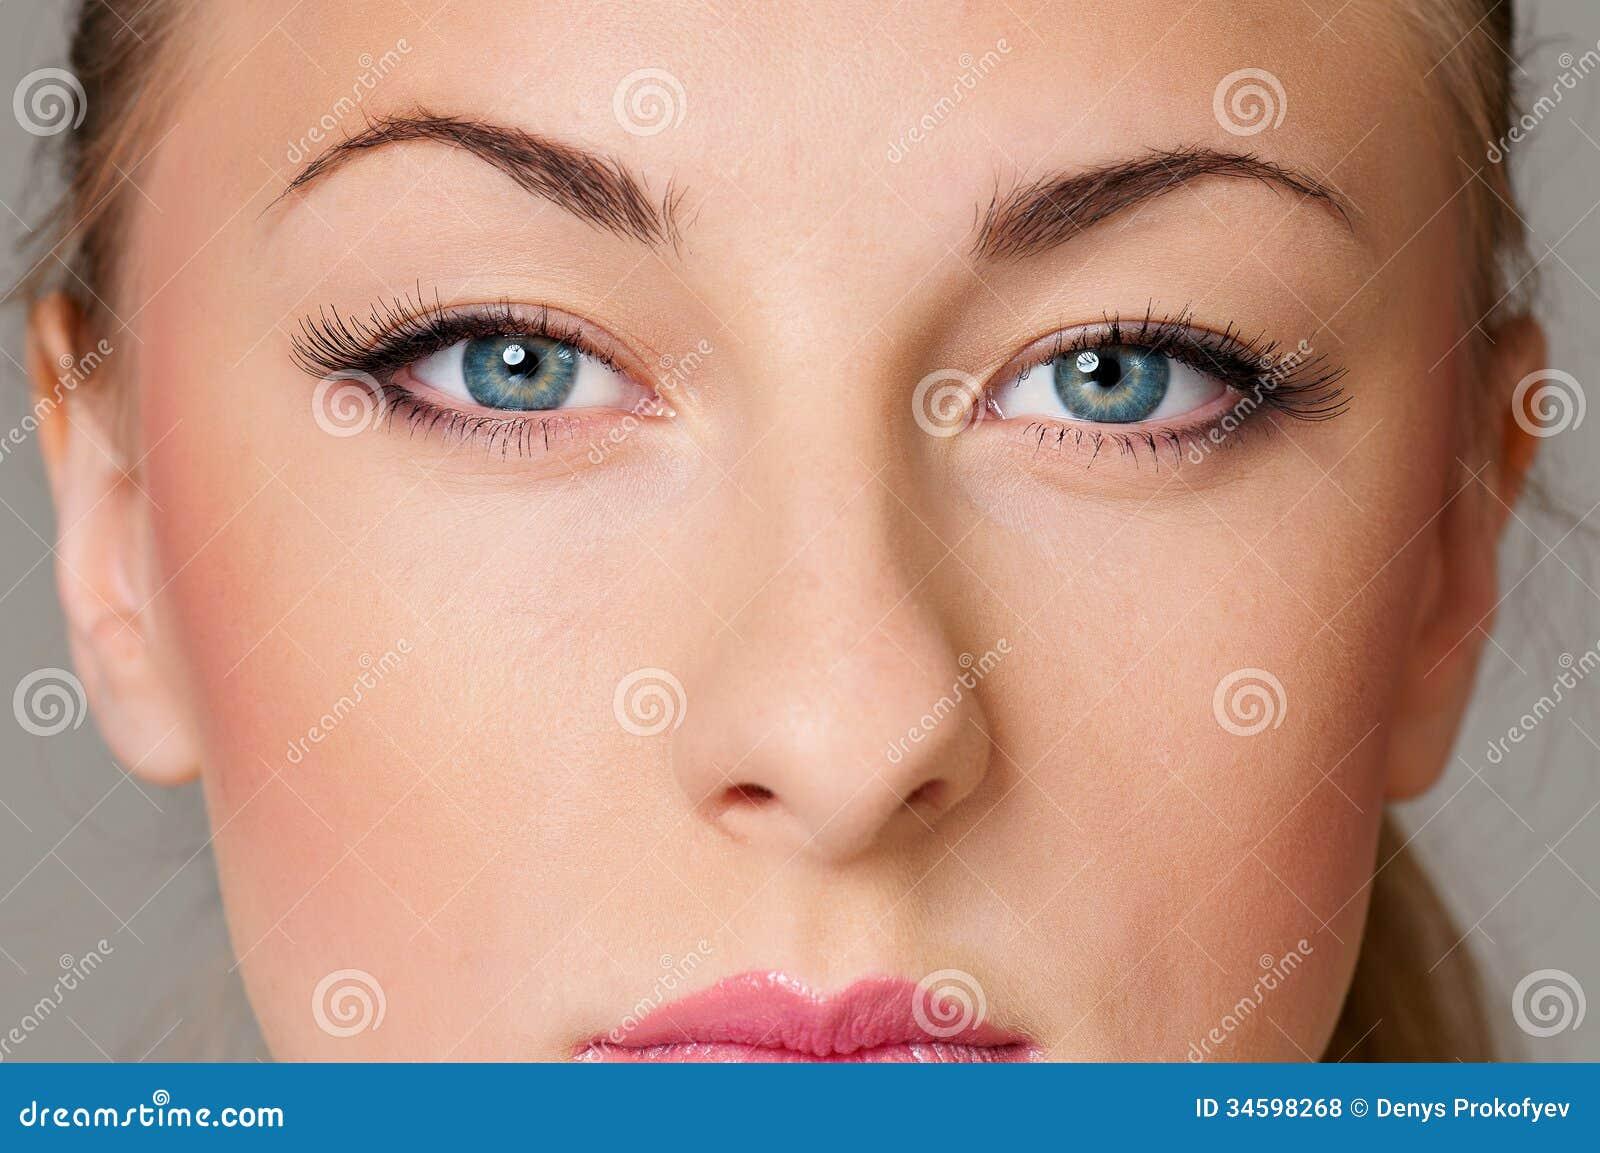 stunning eyes pink blue - photo #23